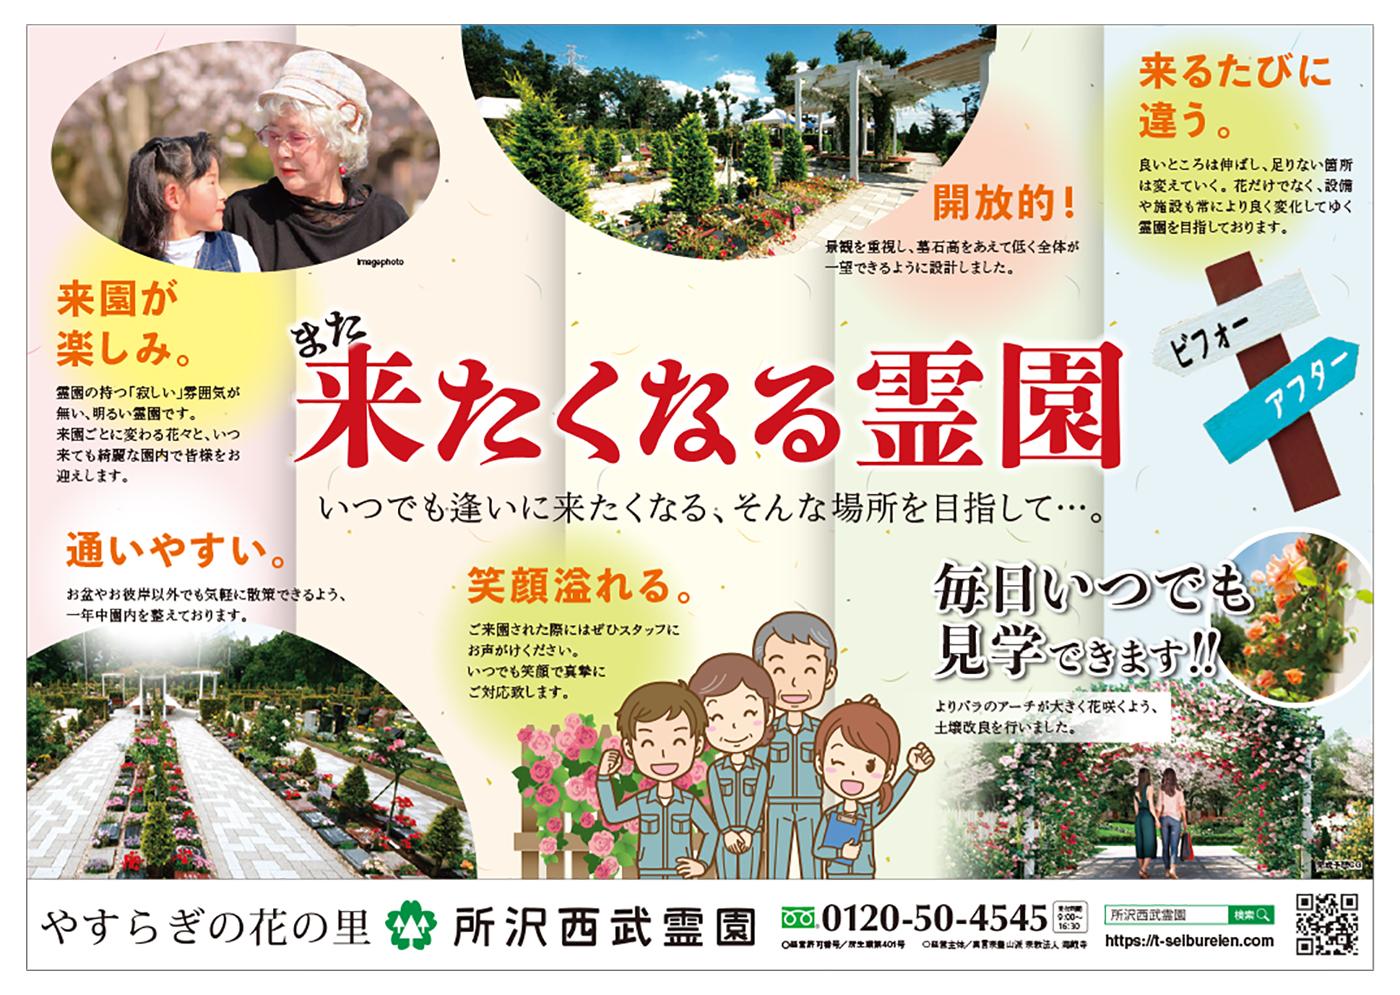 雑誌広告【2021年1月】